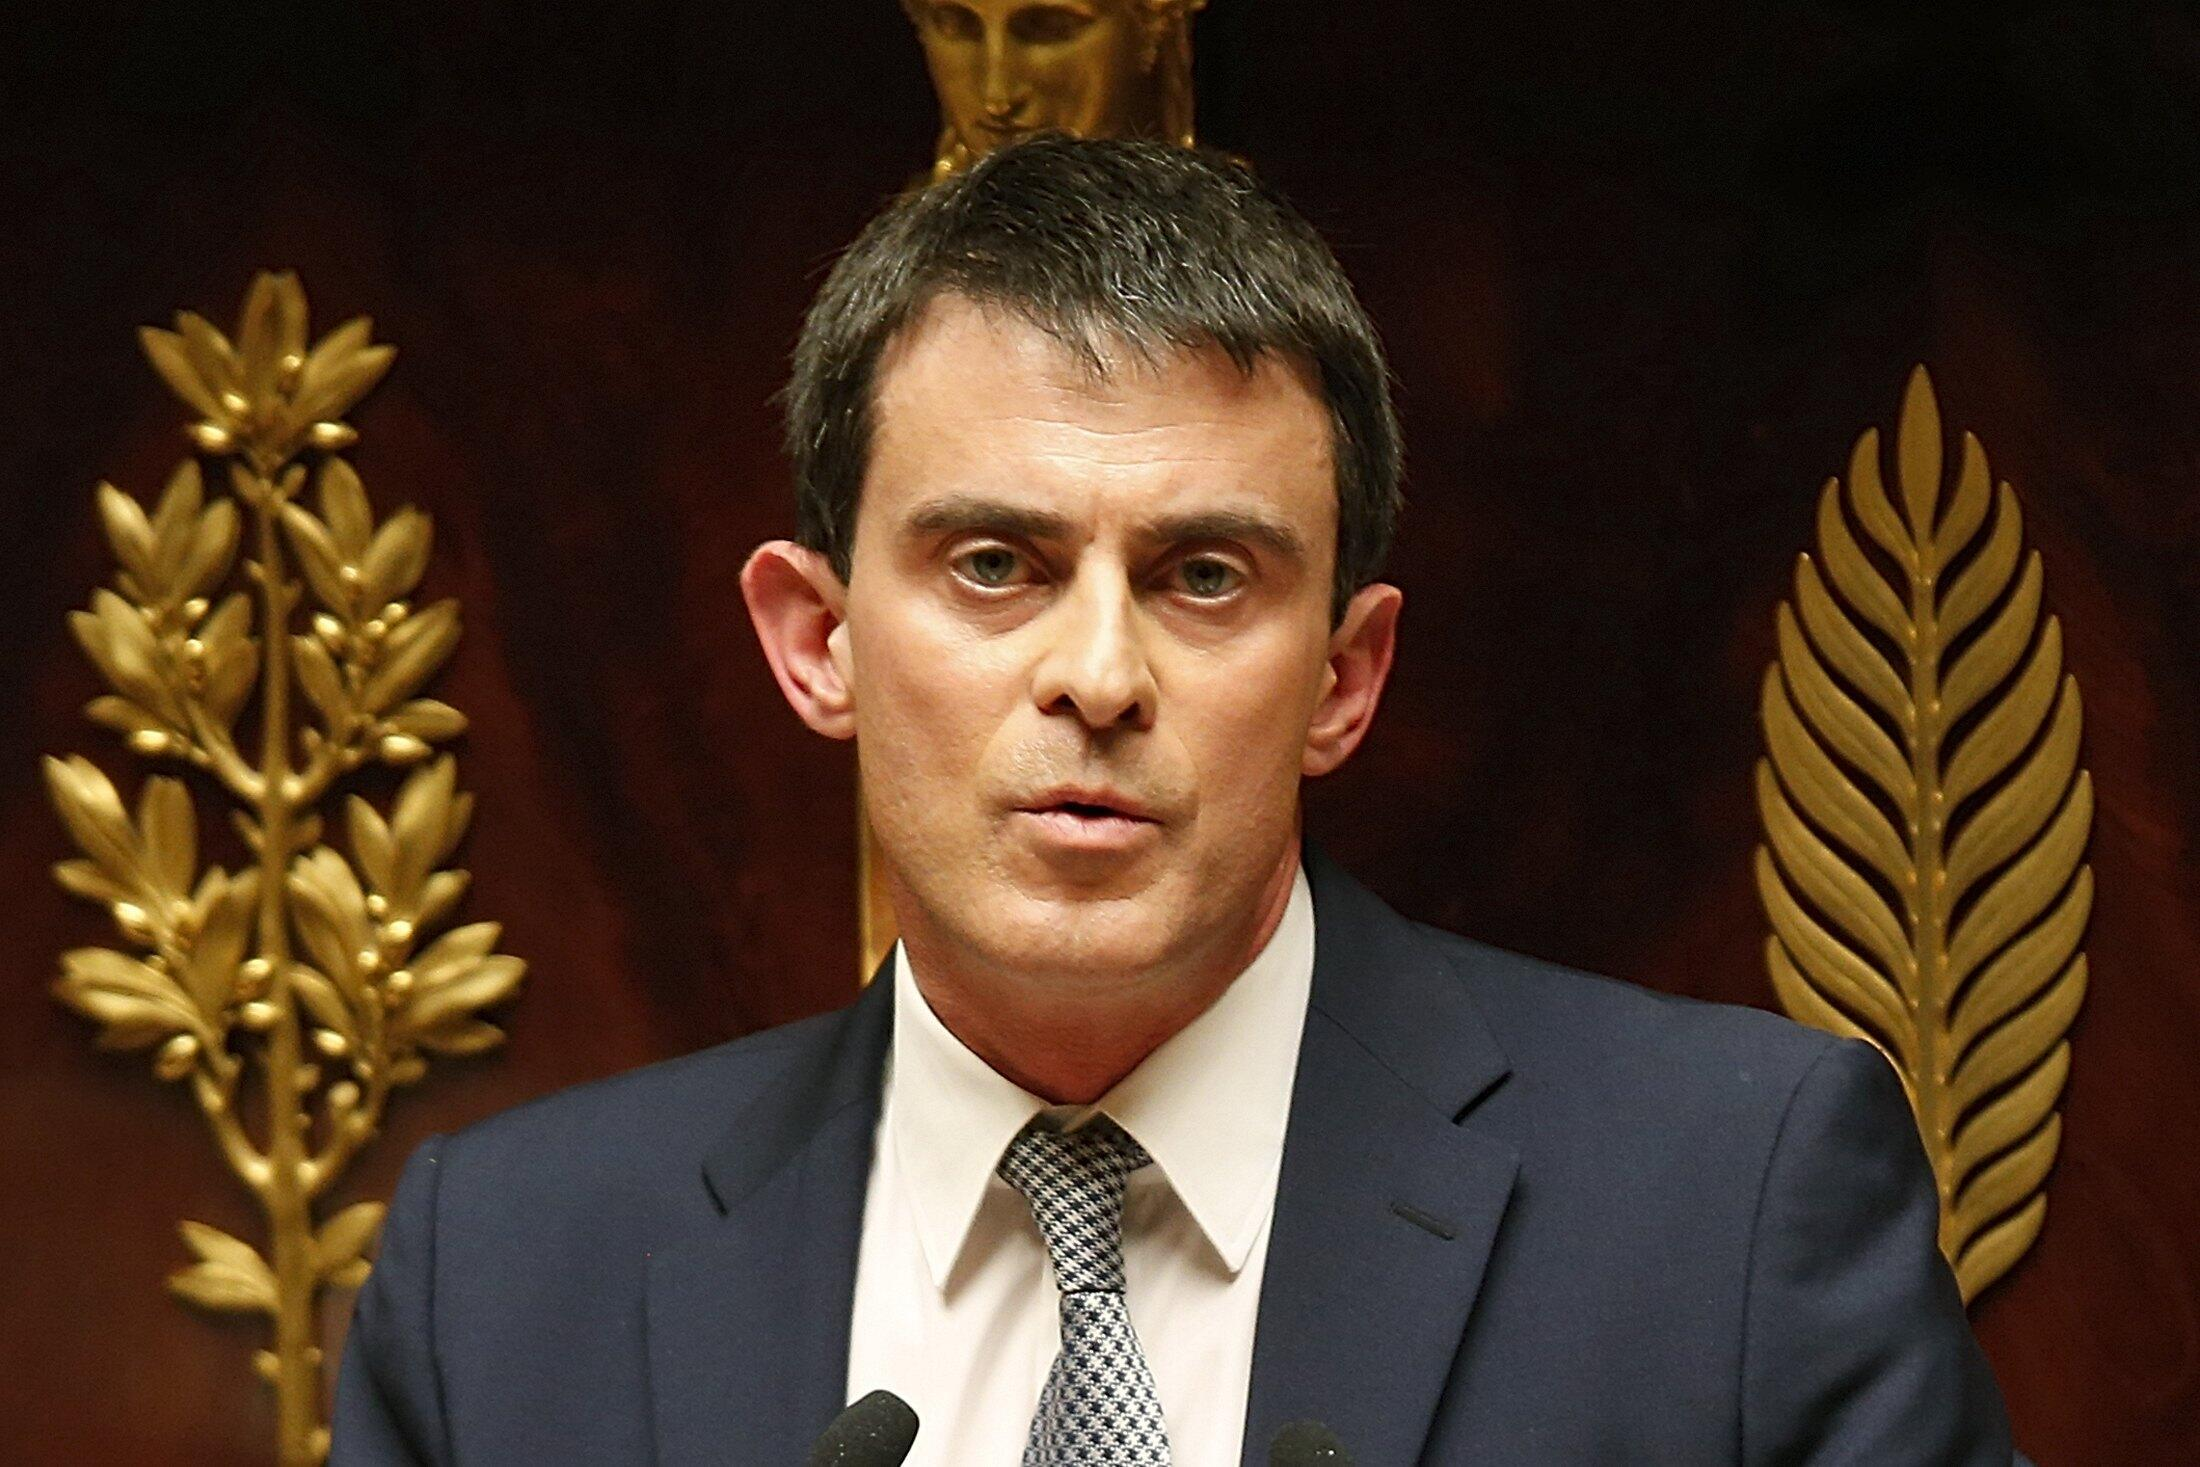 O primeiro-ministro francês, Manuel Valls apresentou pacto de estabilidade na Asembleia Nacional na semana passada..